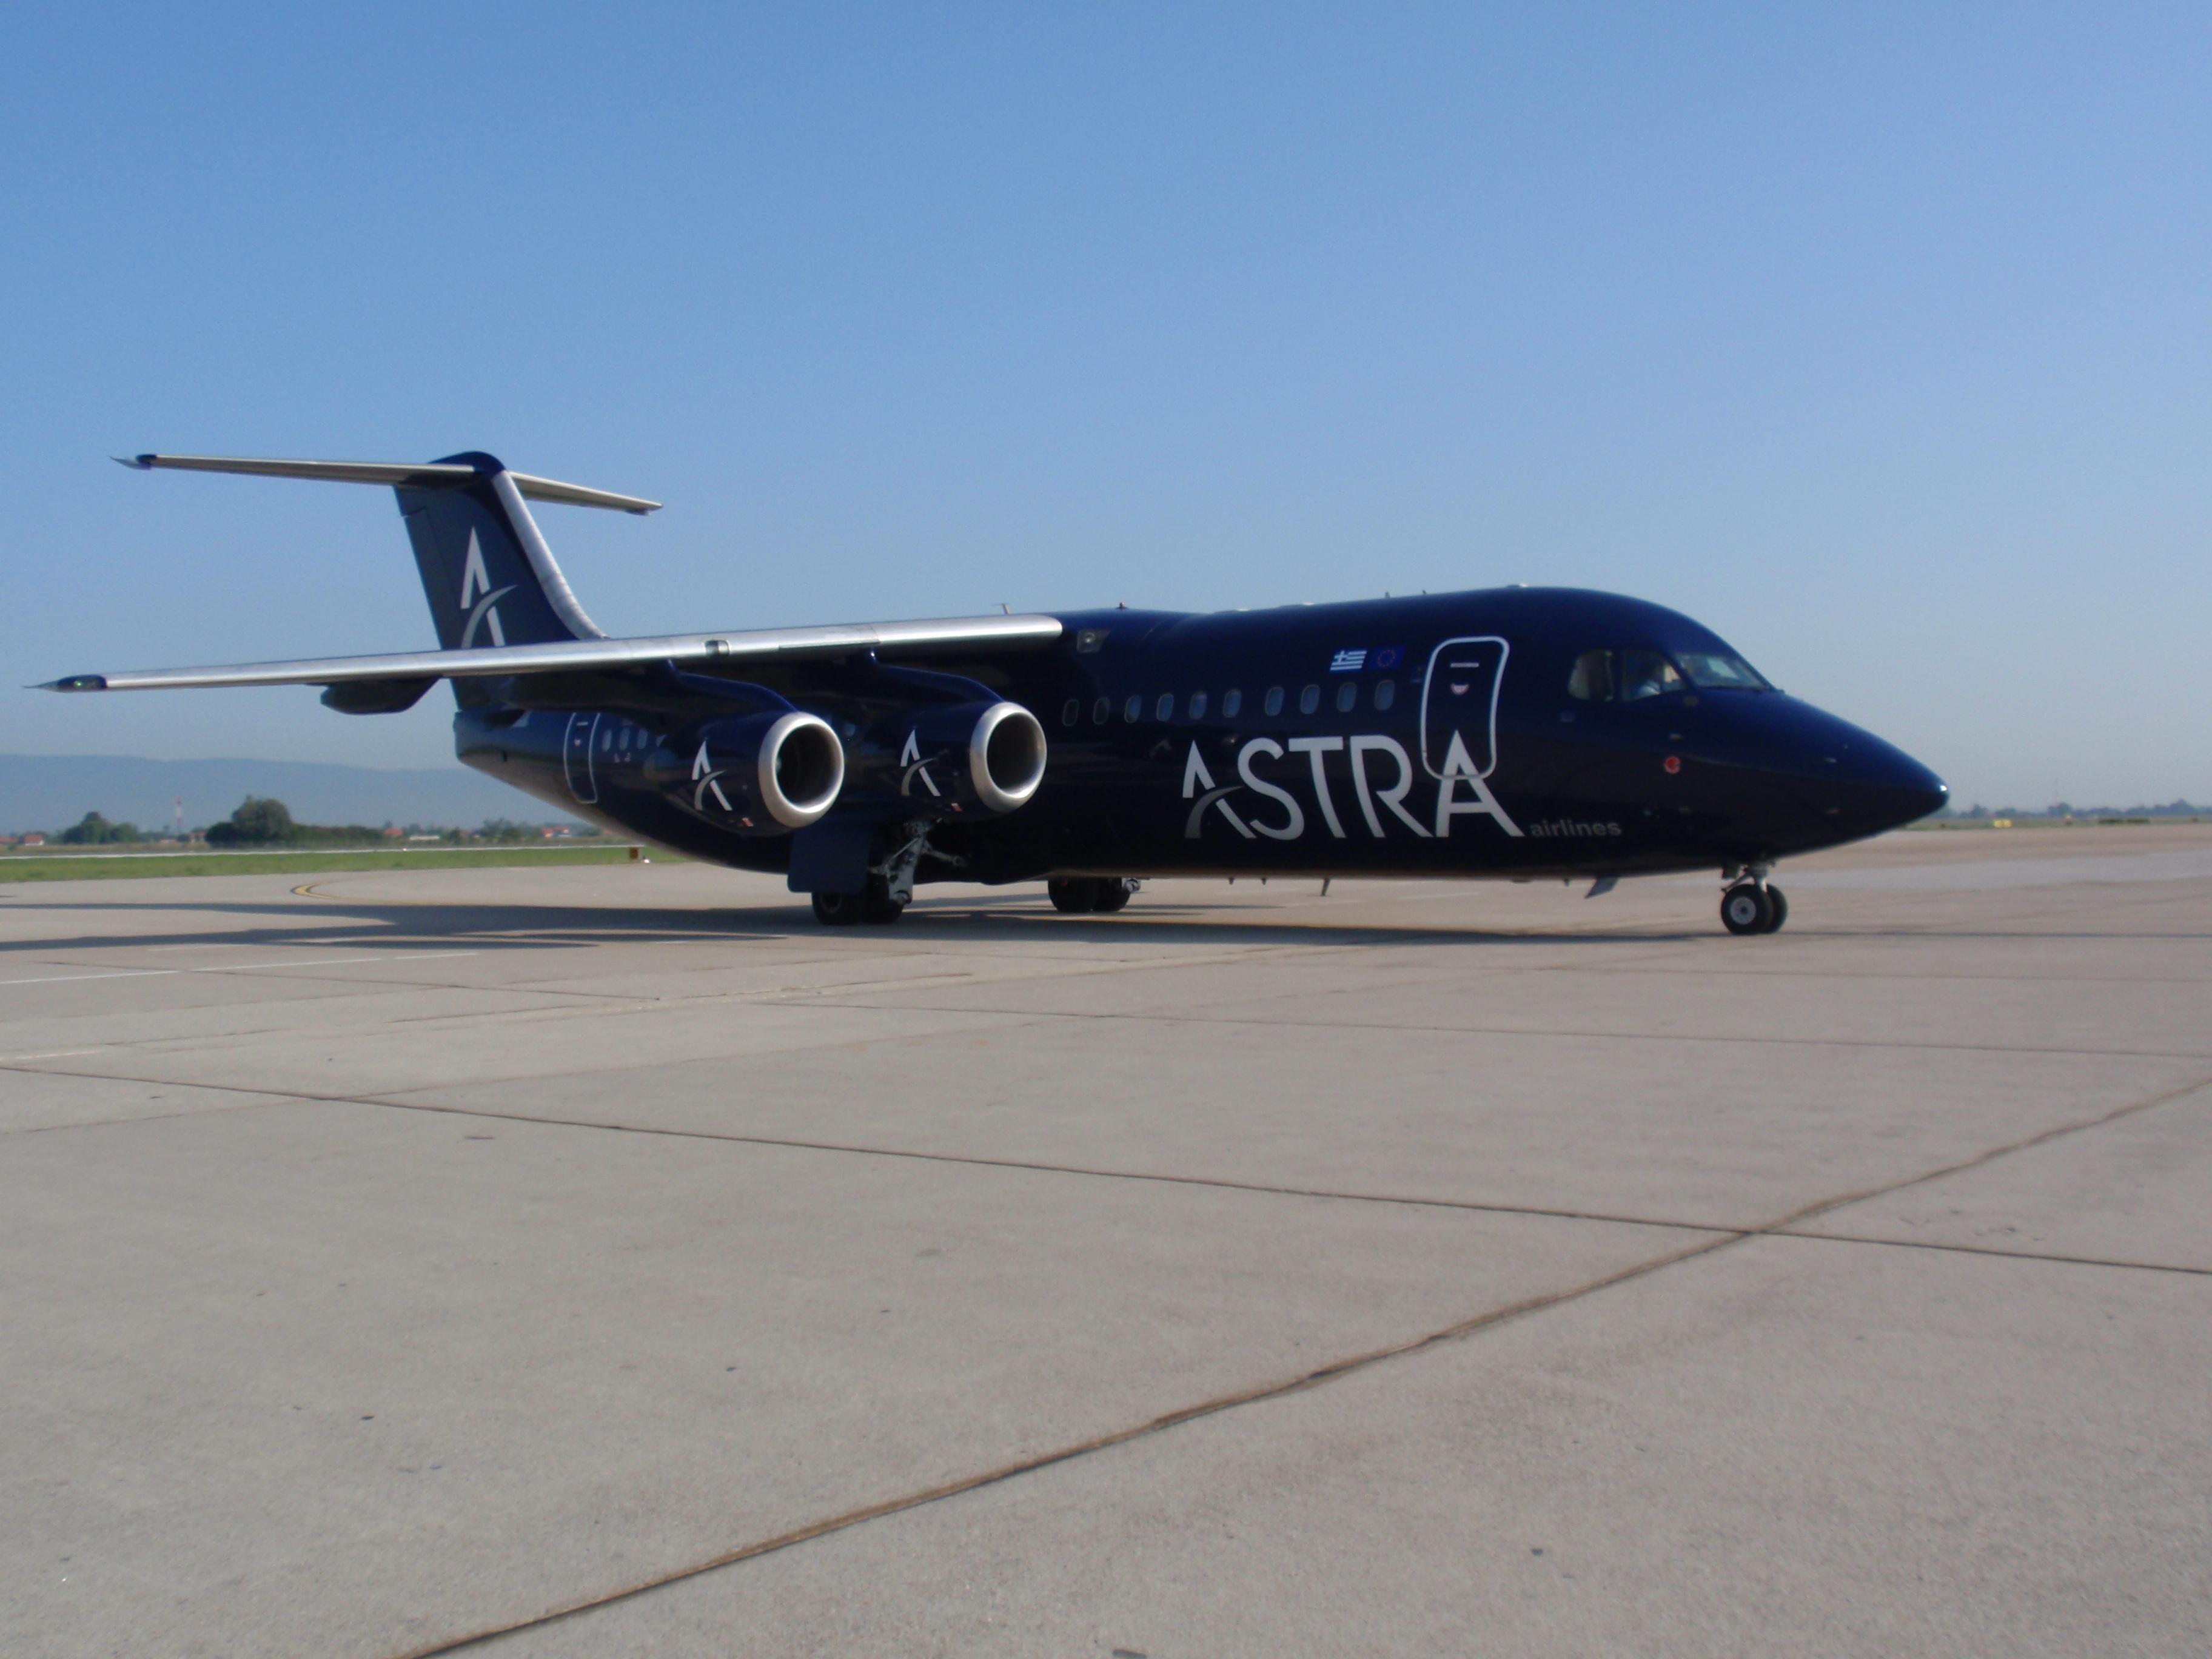 Авиакомпания Астра Эйрлайнз (Astra Airlines). Официальный сайт.2